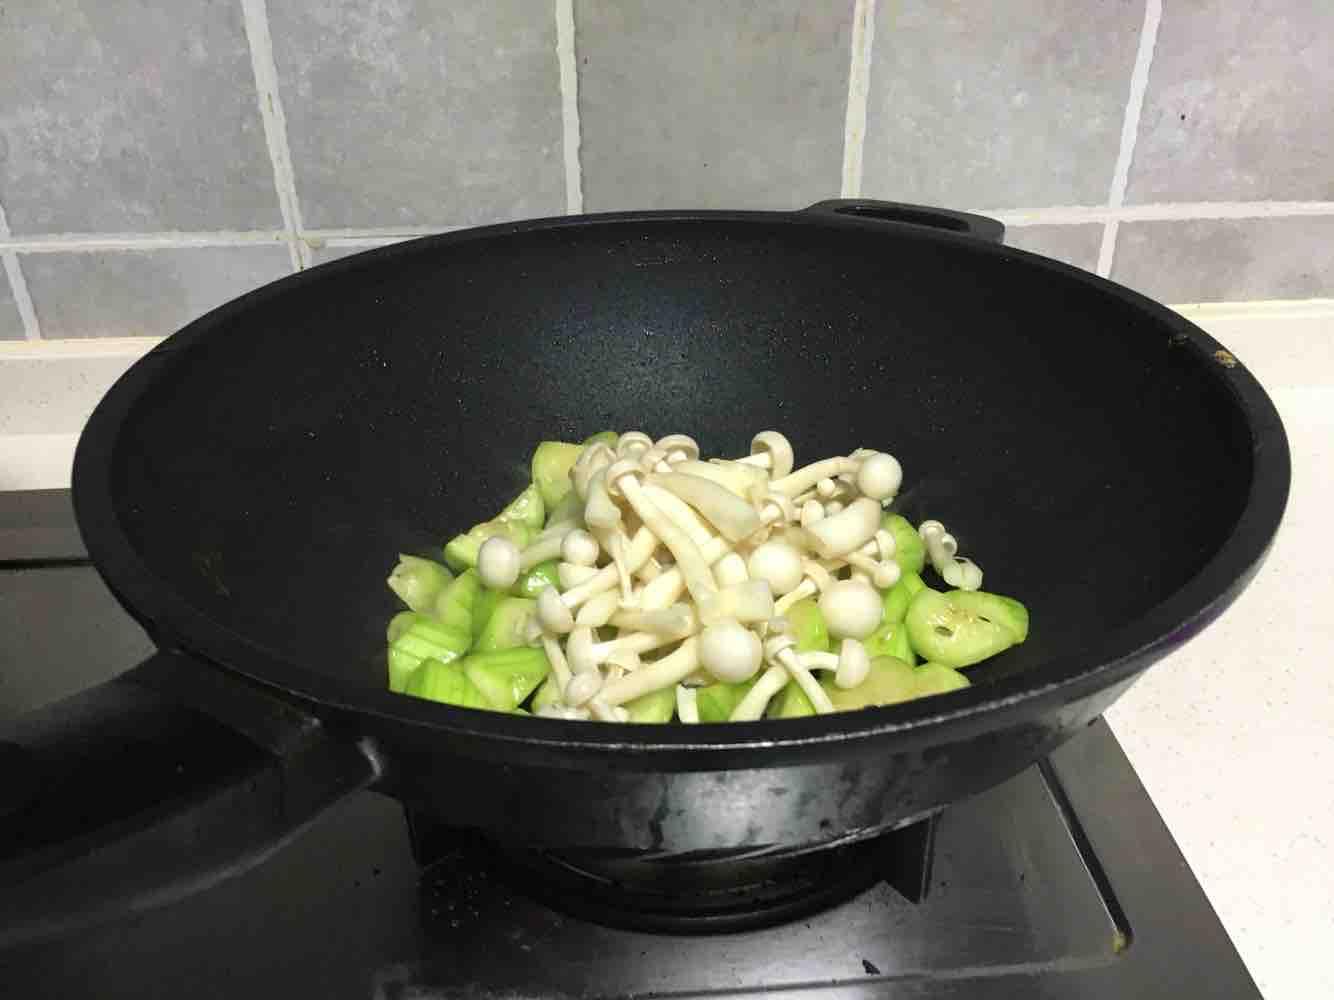 海鲜菇丝瓜炒鸡蛋怎么吃